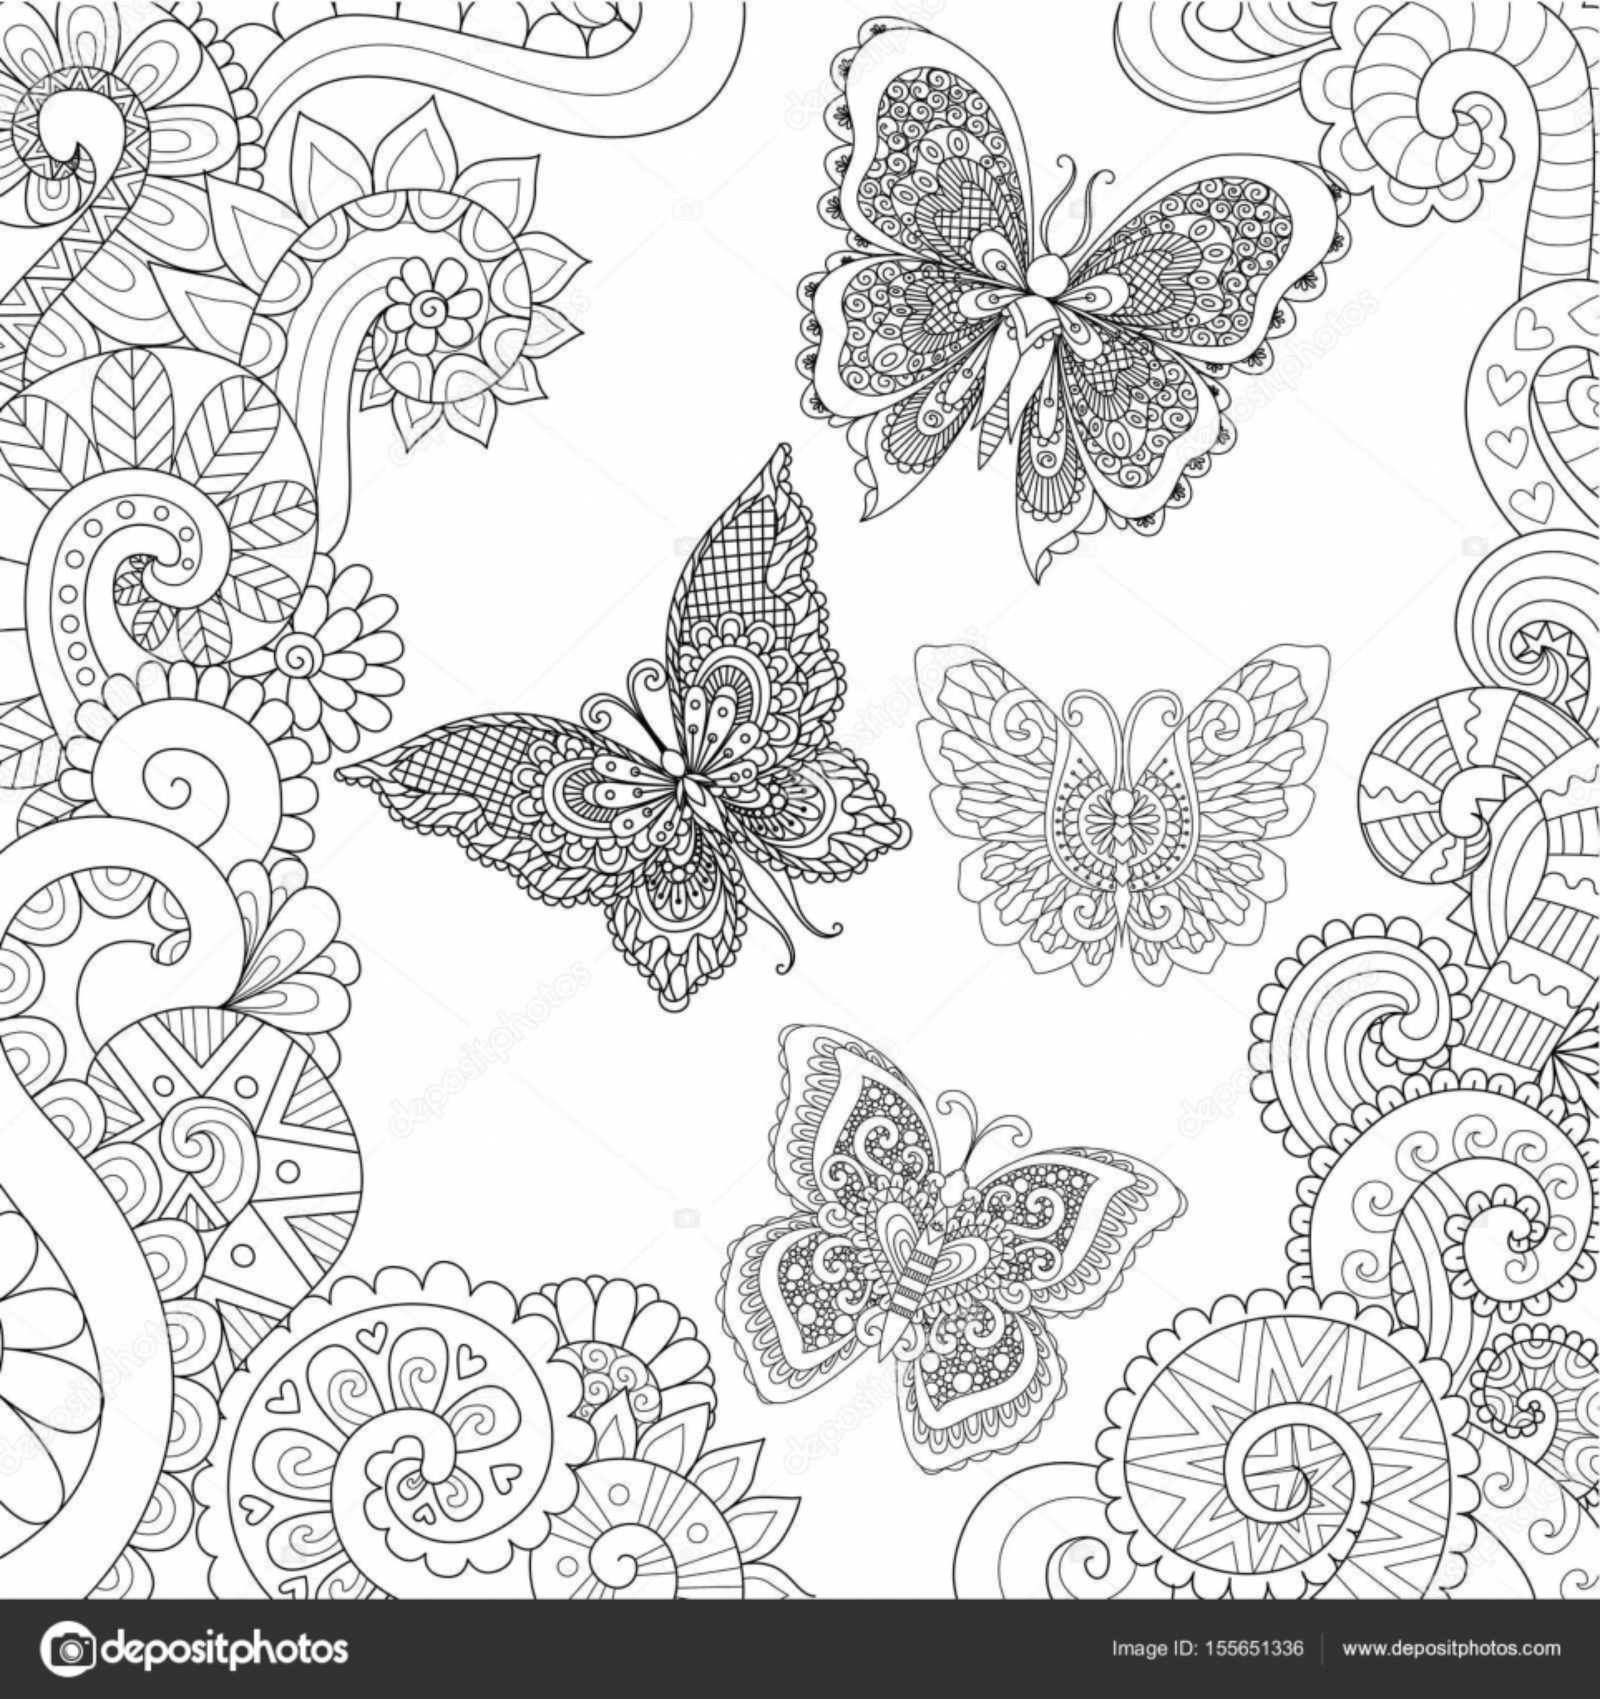 Inspirerend Kleurplaten Voor Volwassenen Van Vlinders